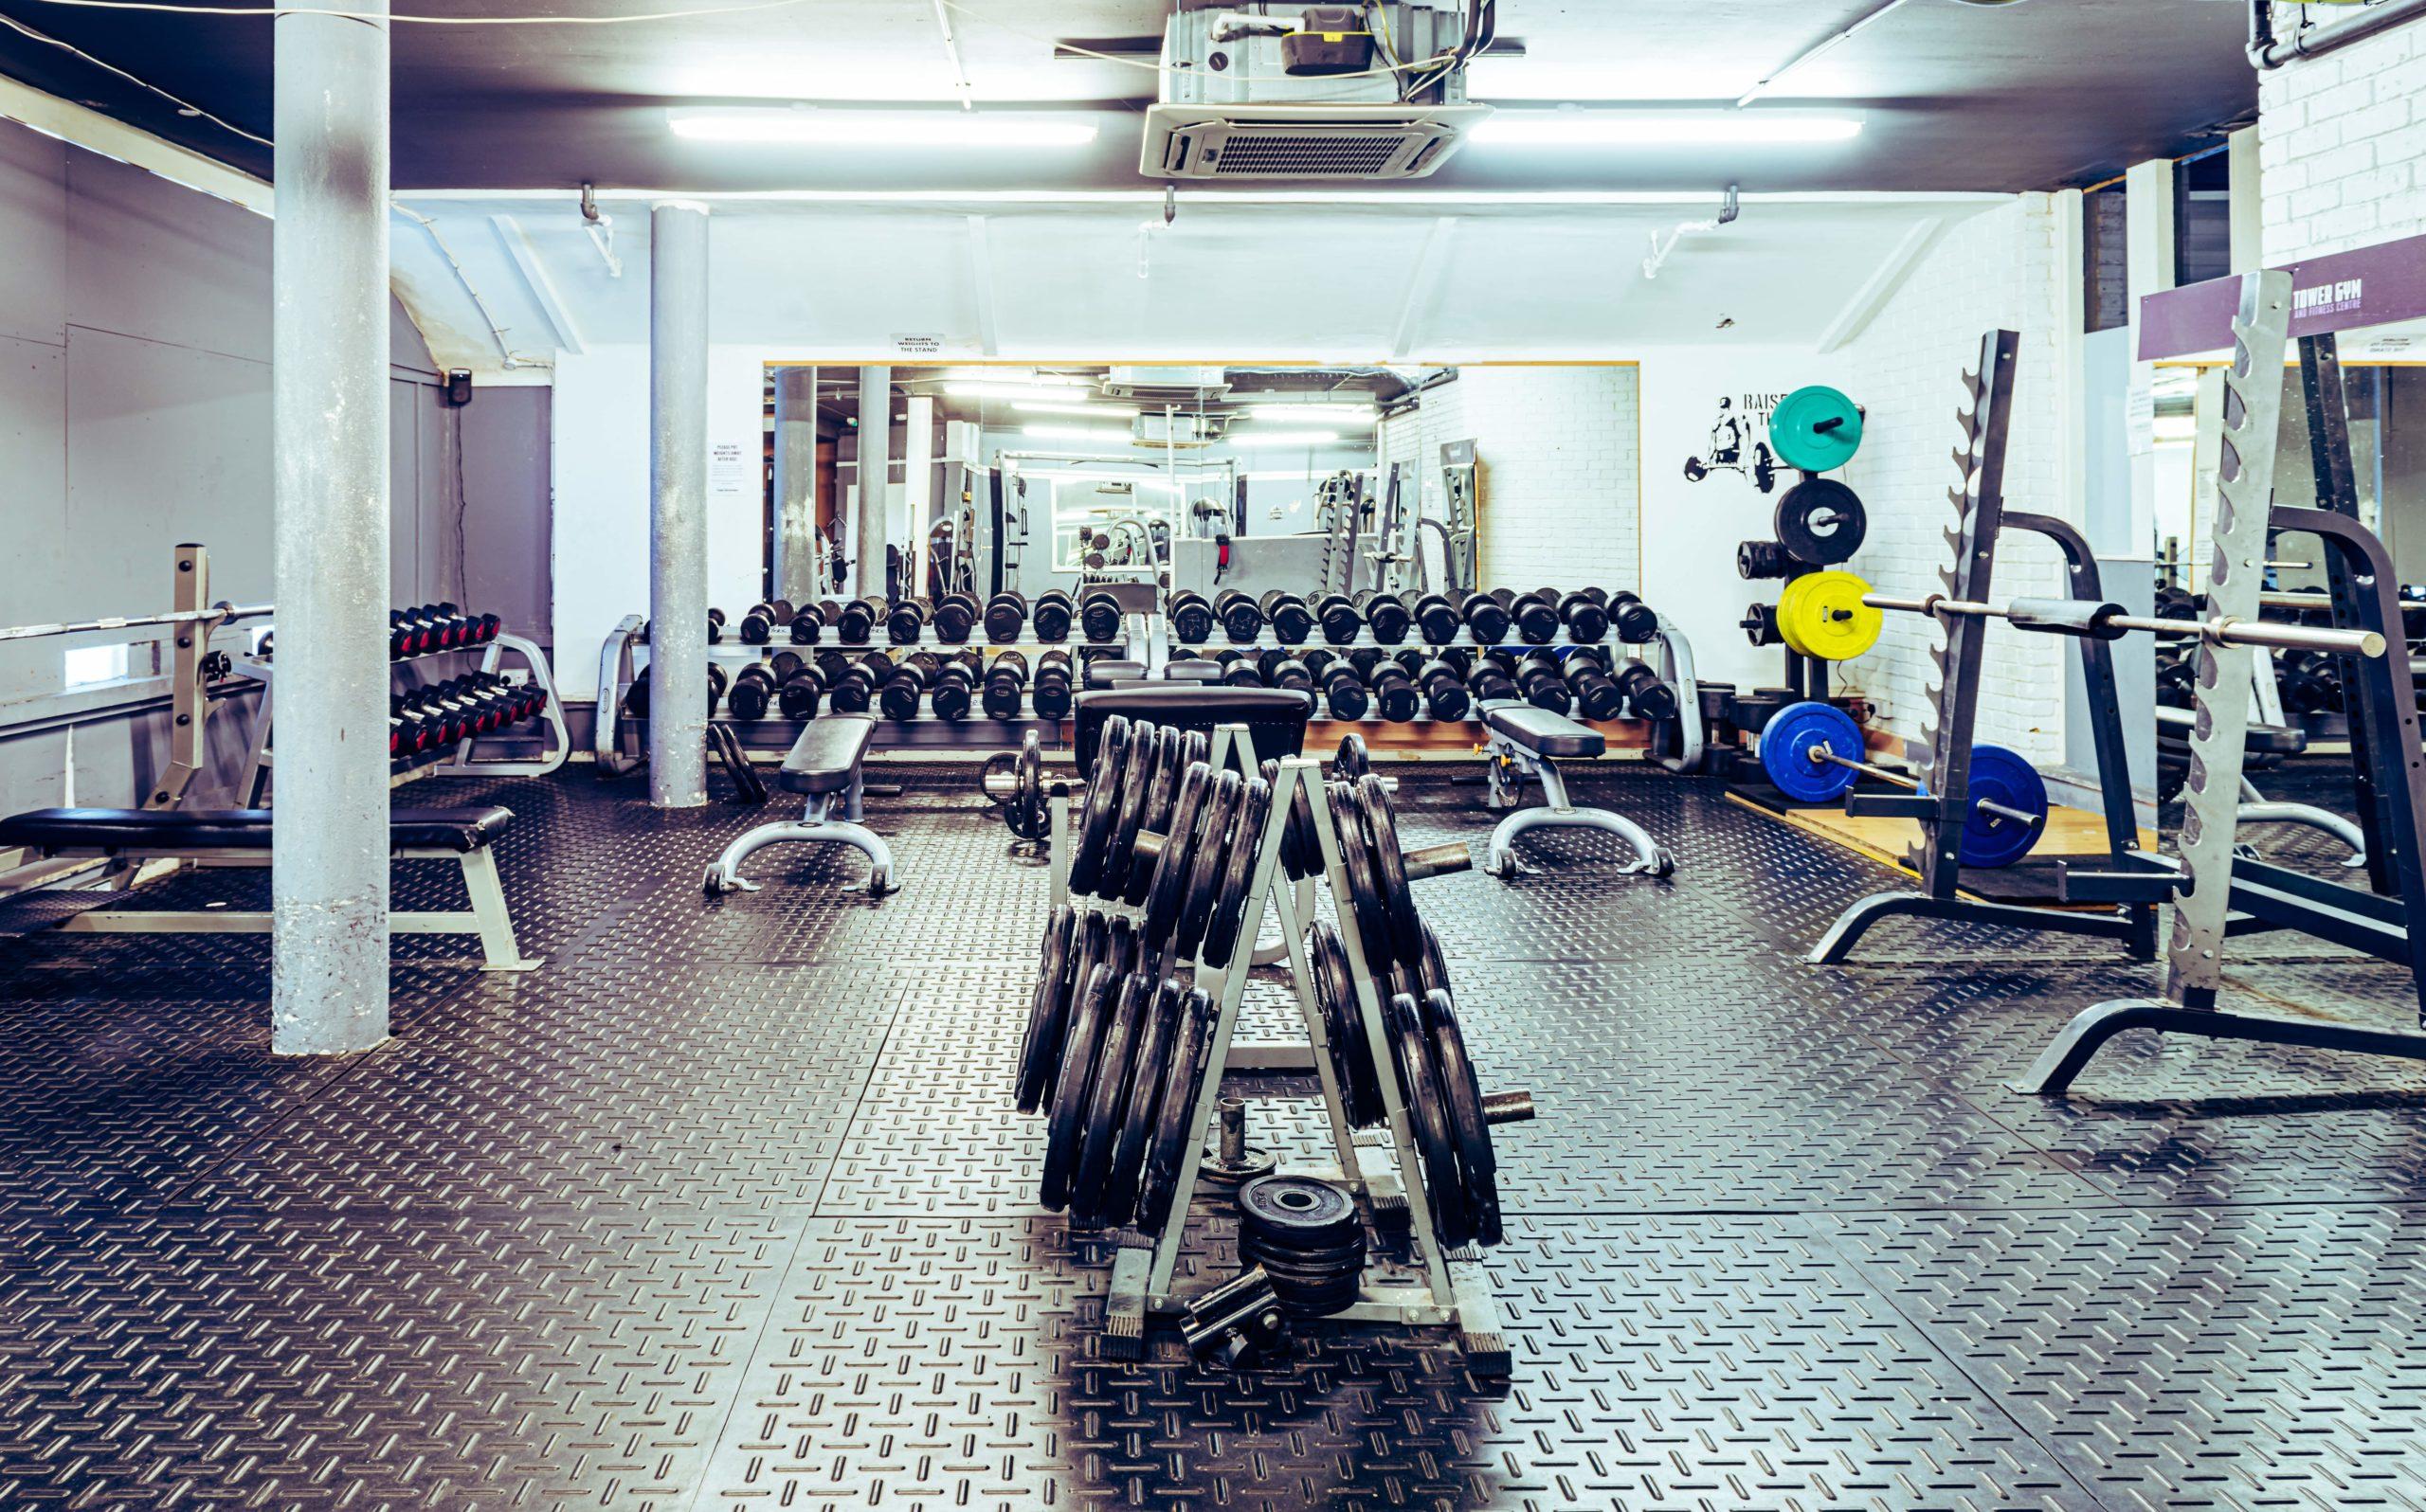 Clock Tower Gym - Weights - Machines - Floor - Squats - Deadlifts - Fitness - Studio - Zones